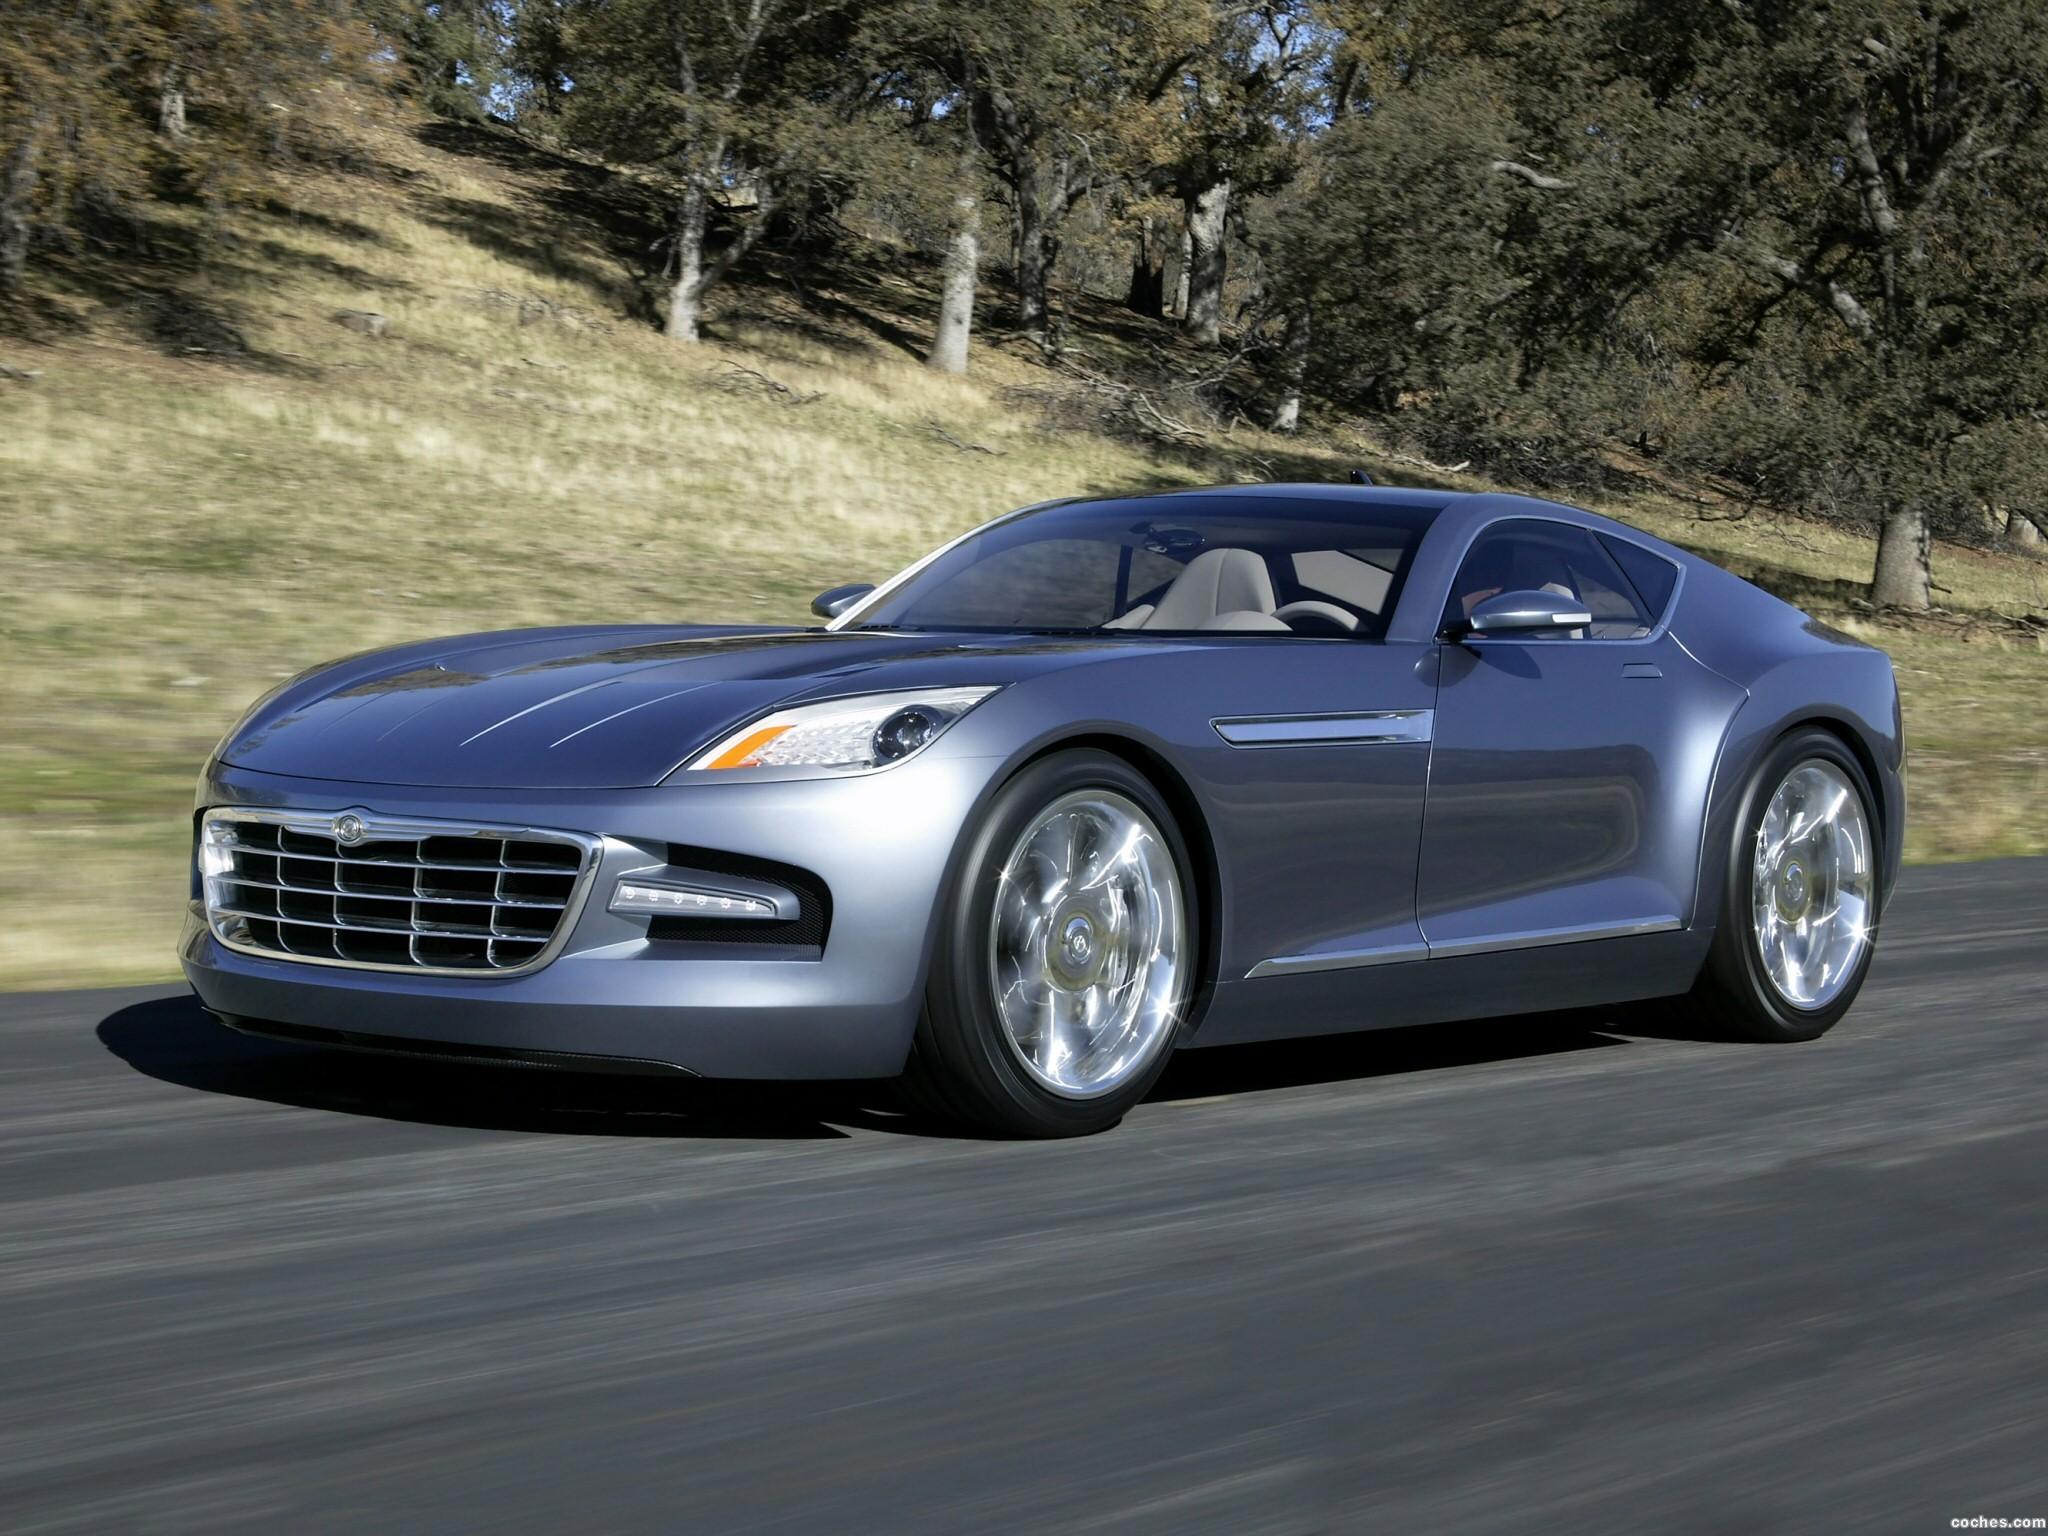 Foto 0 de Chrysler Firepower Concept 2005